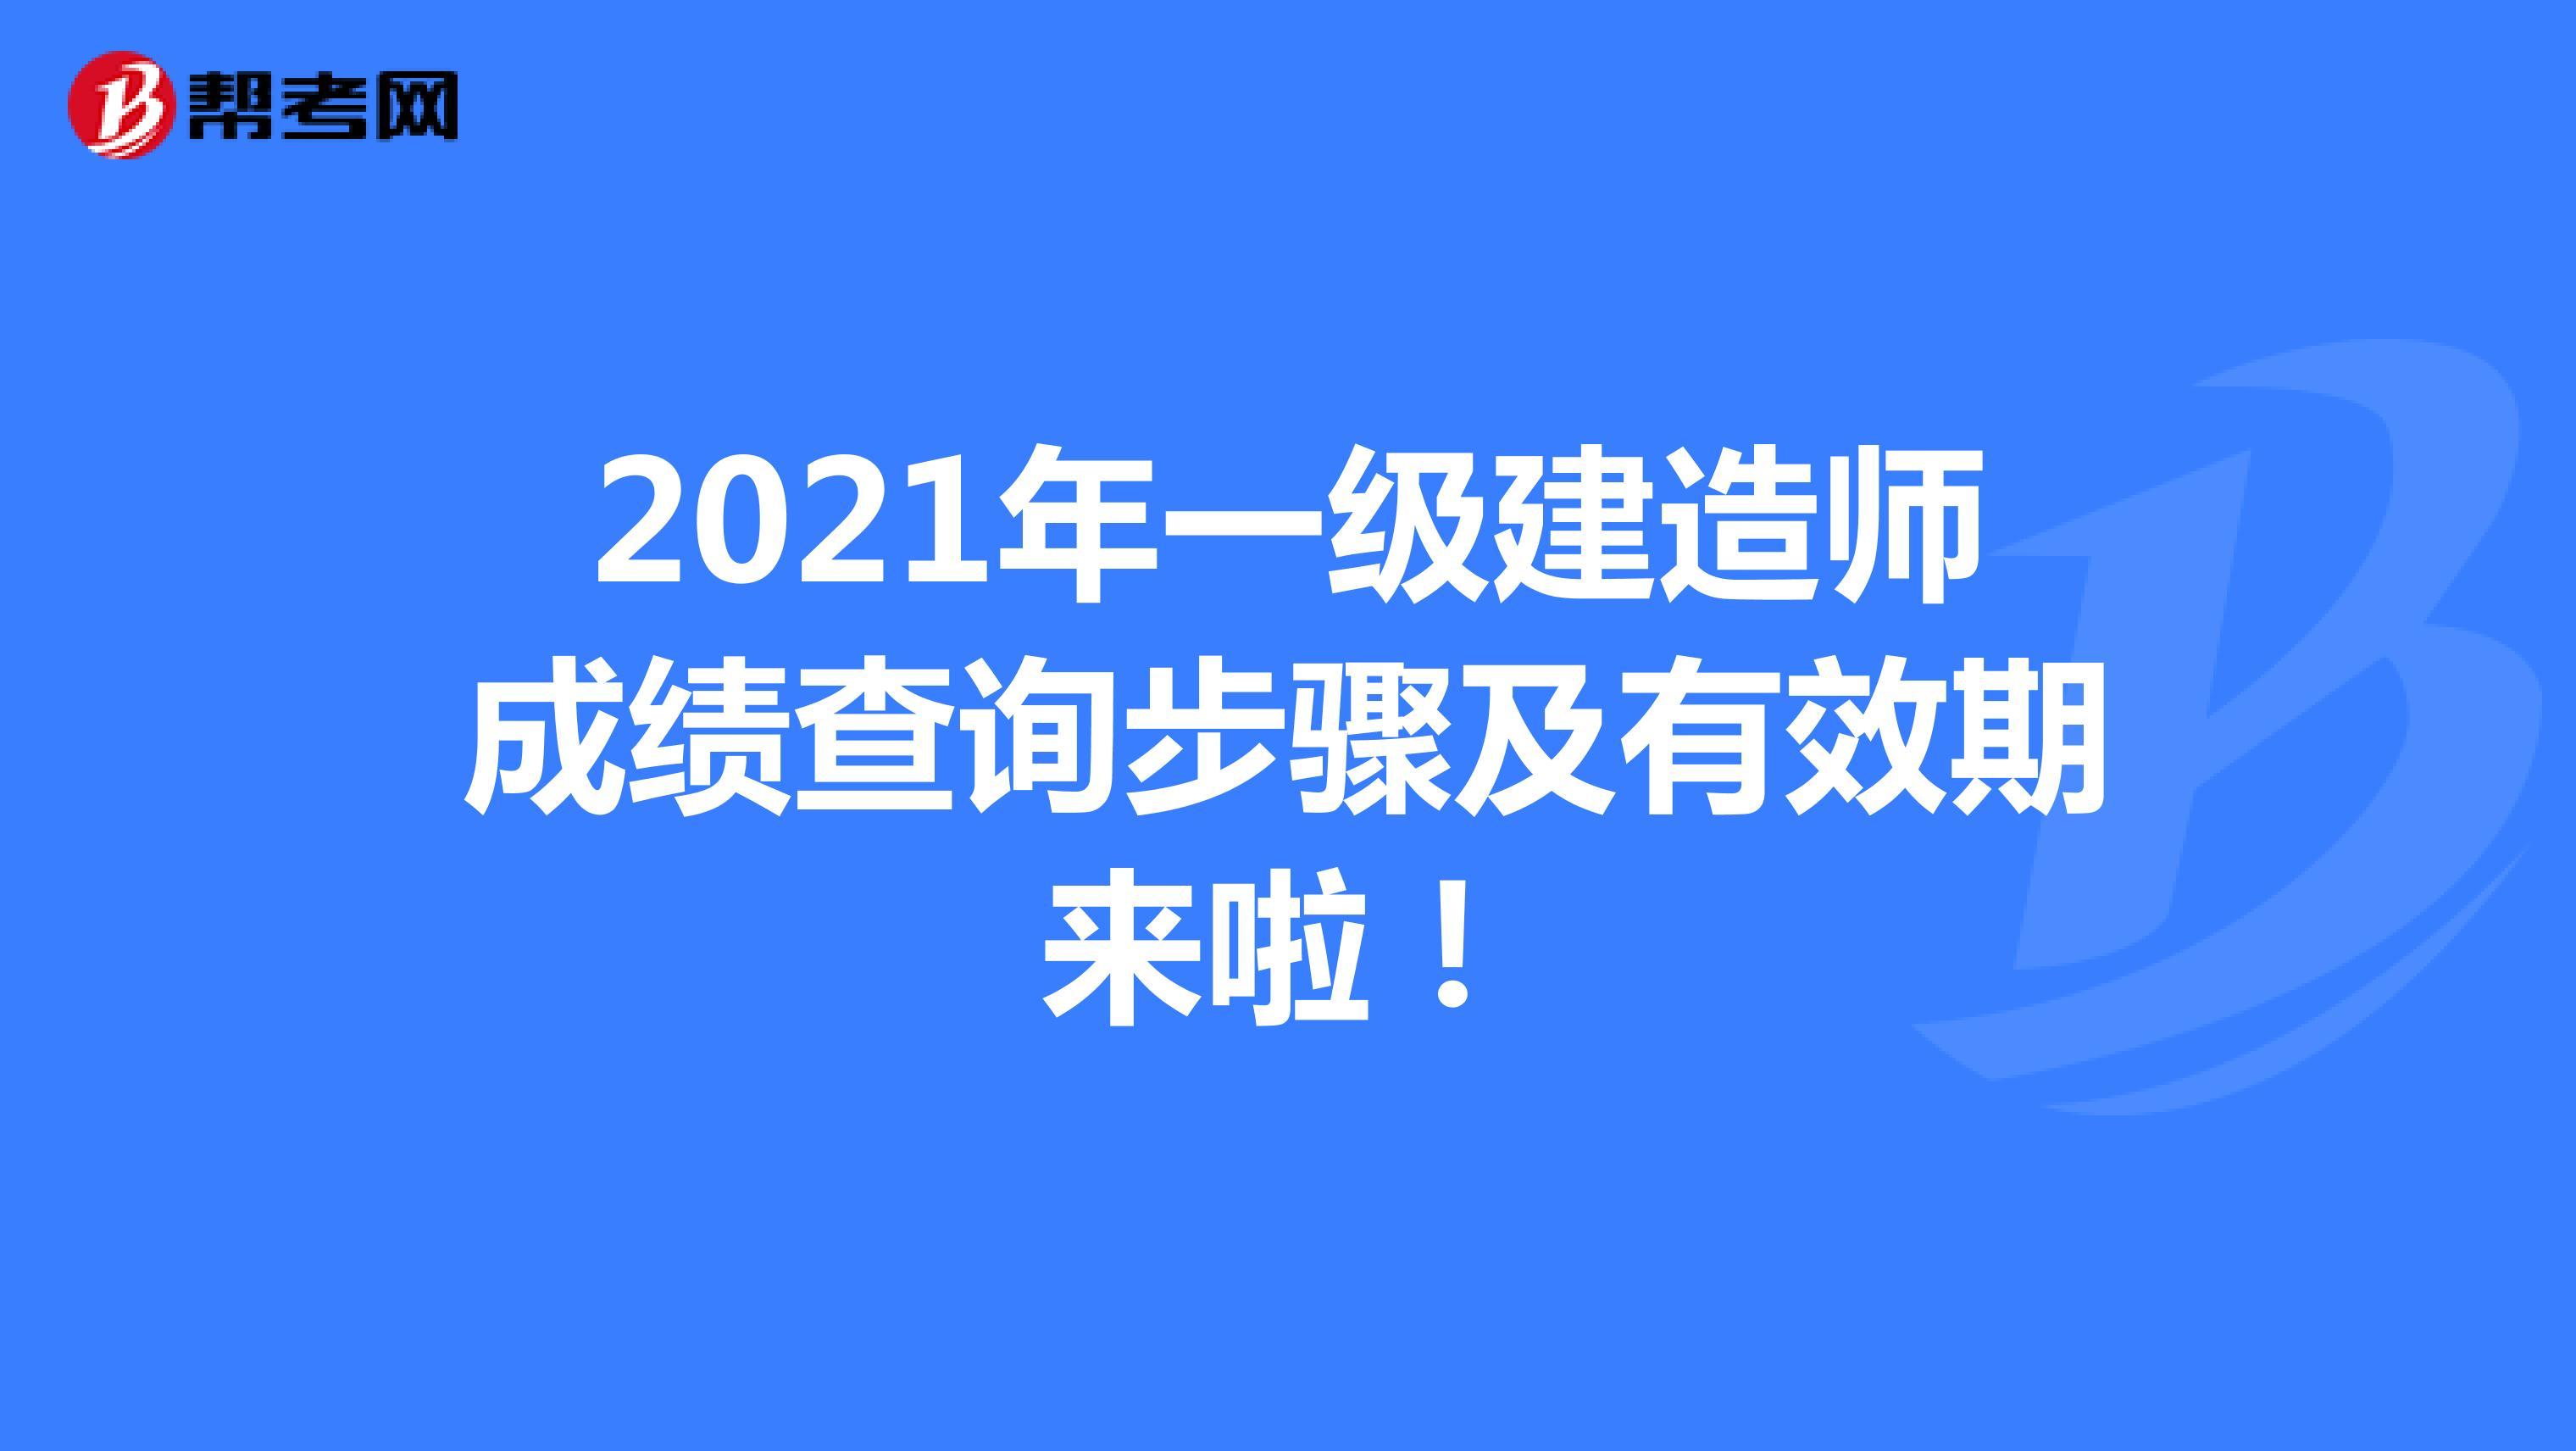 2021年【热竞技下载开户】一级建造师成绩查询步骤及有效期来啦!